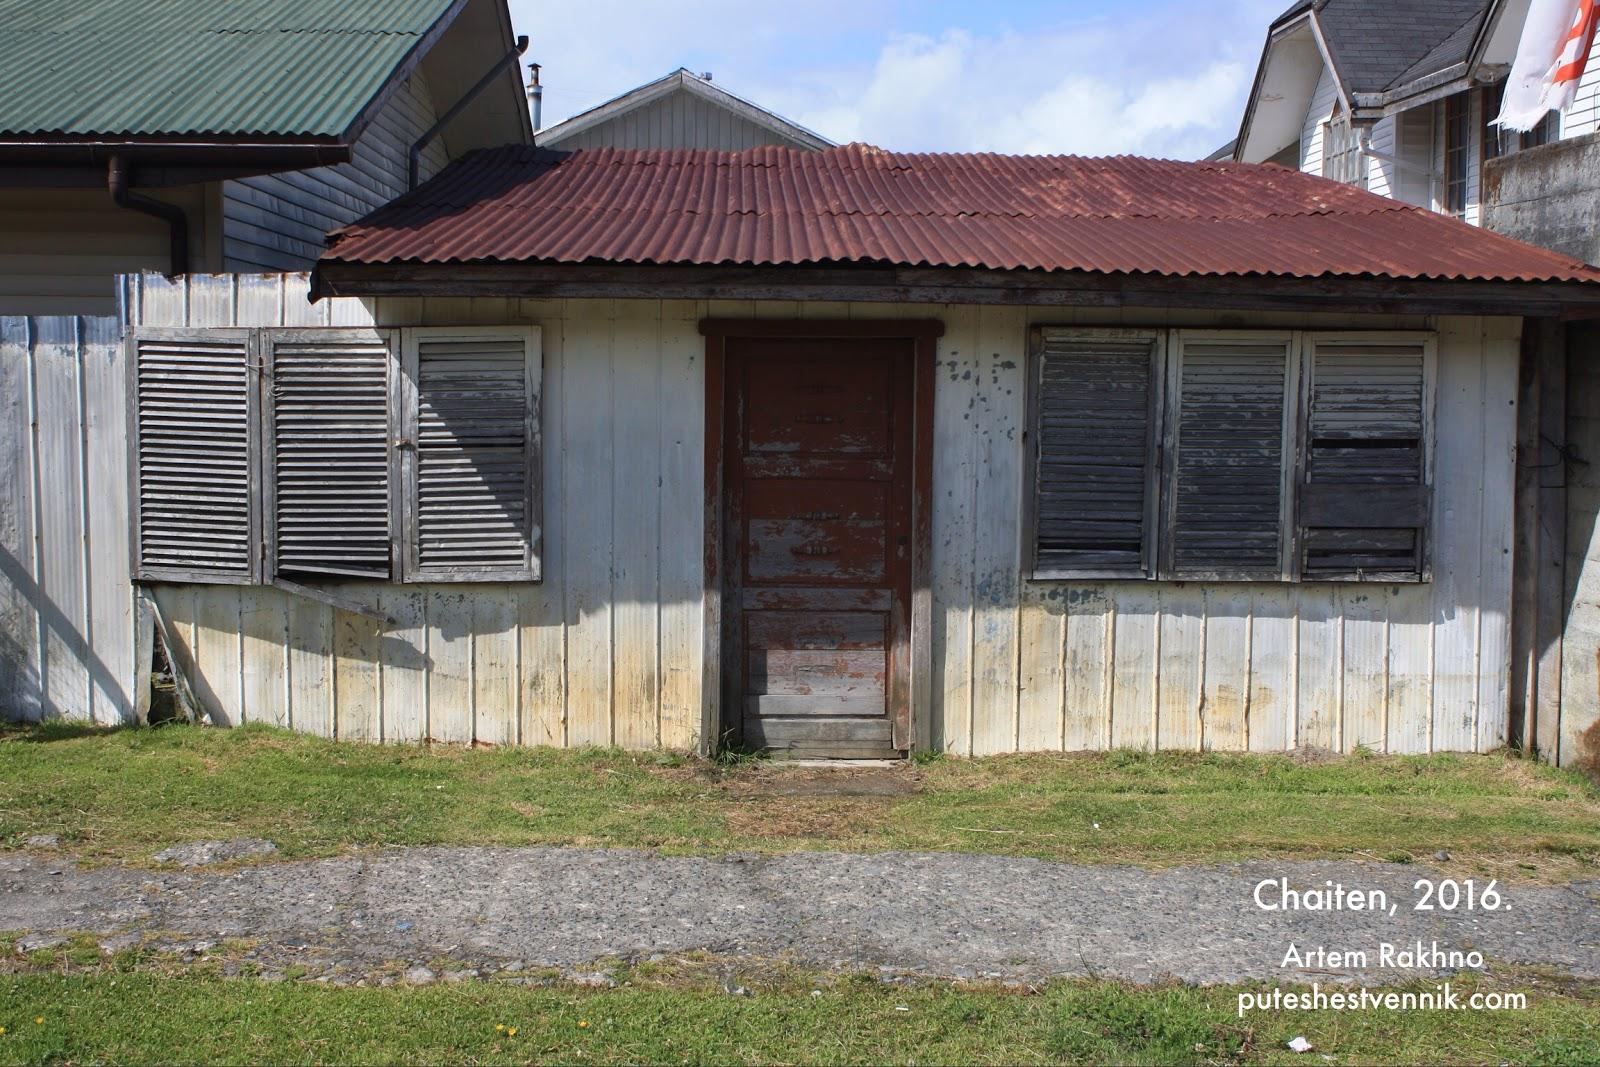 Старый деревянный дом в Чайтене